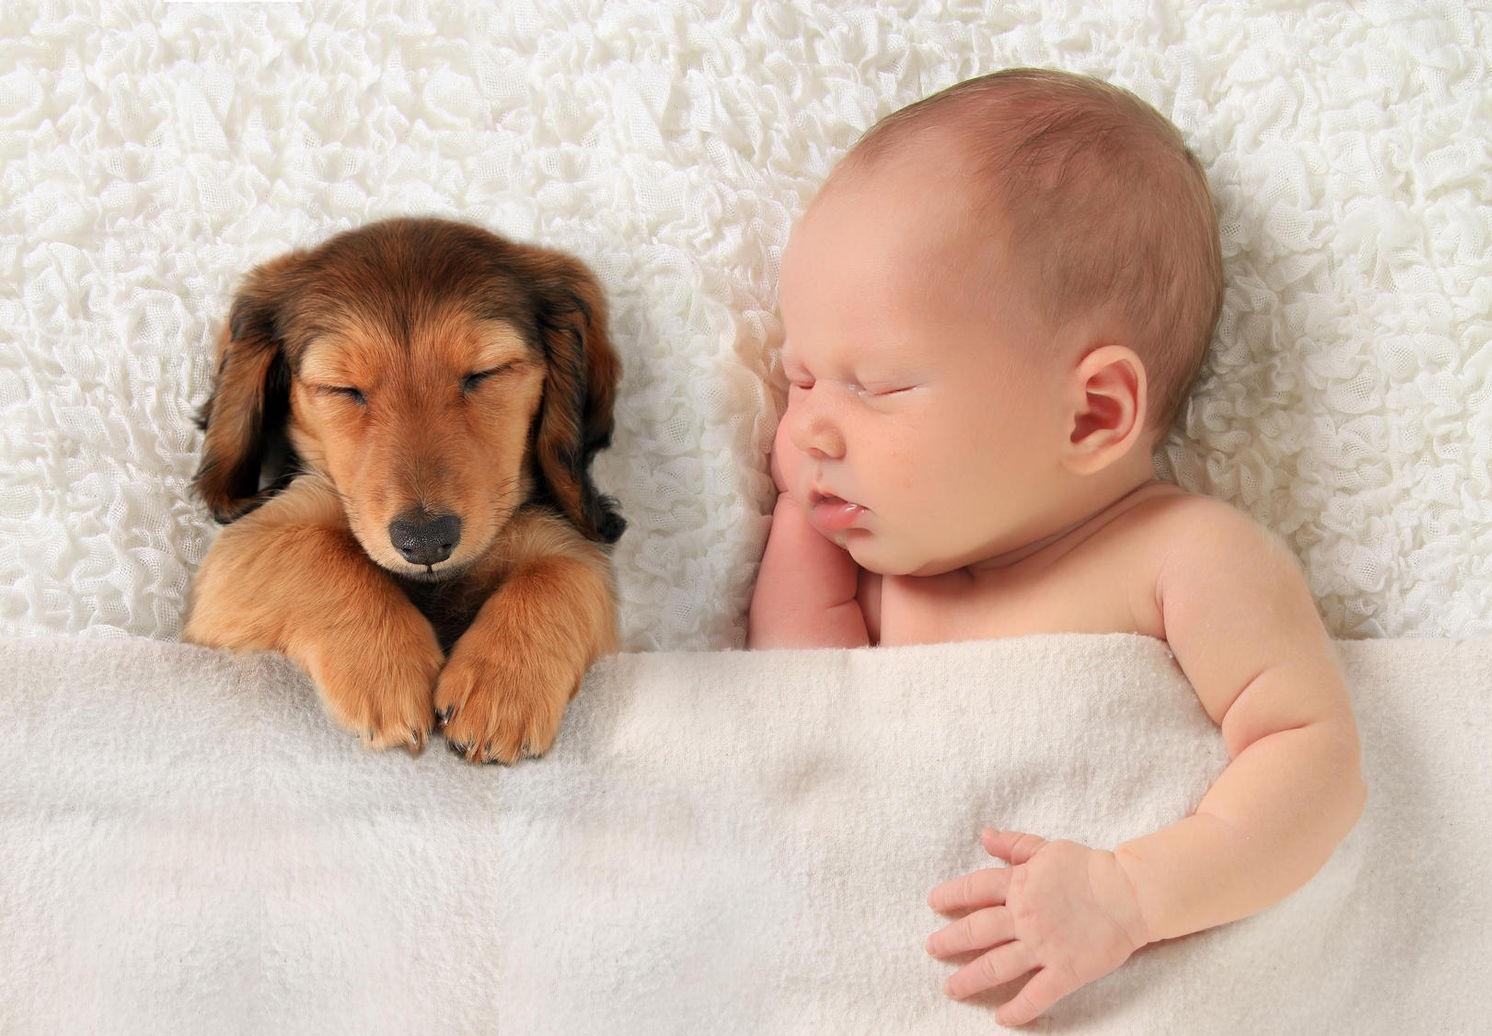 Cum influenteaza cainii starea de sanatate a copiilor mici